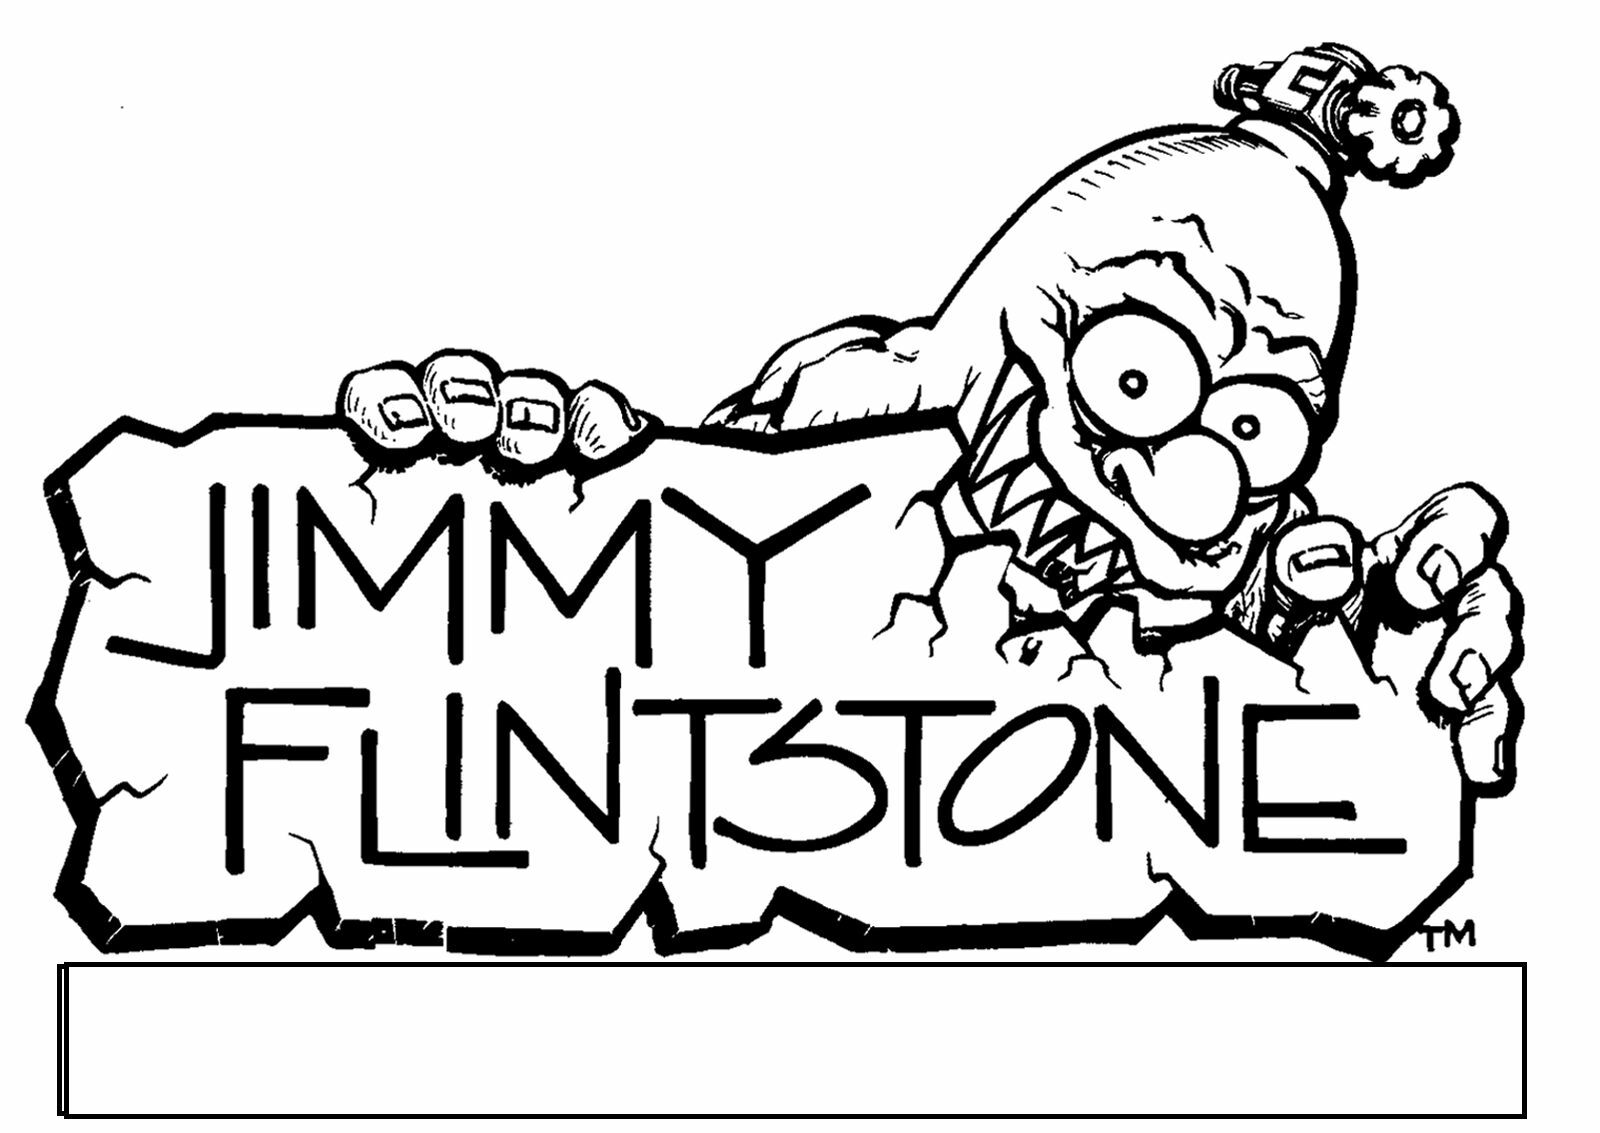 Items In Flintstone Resin Gallery Store On Ebay